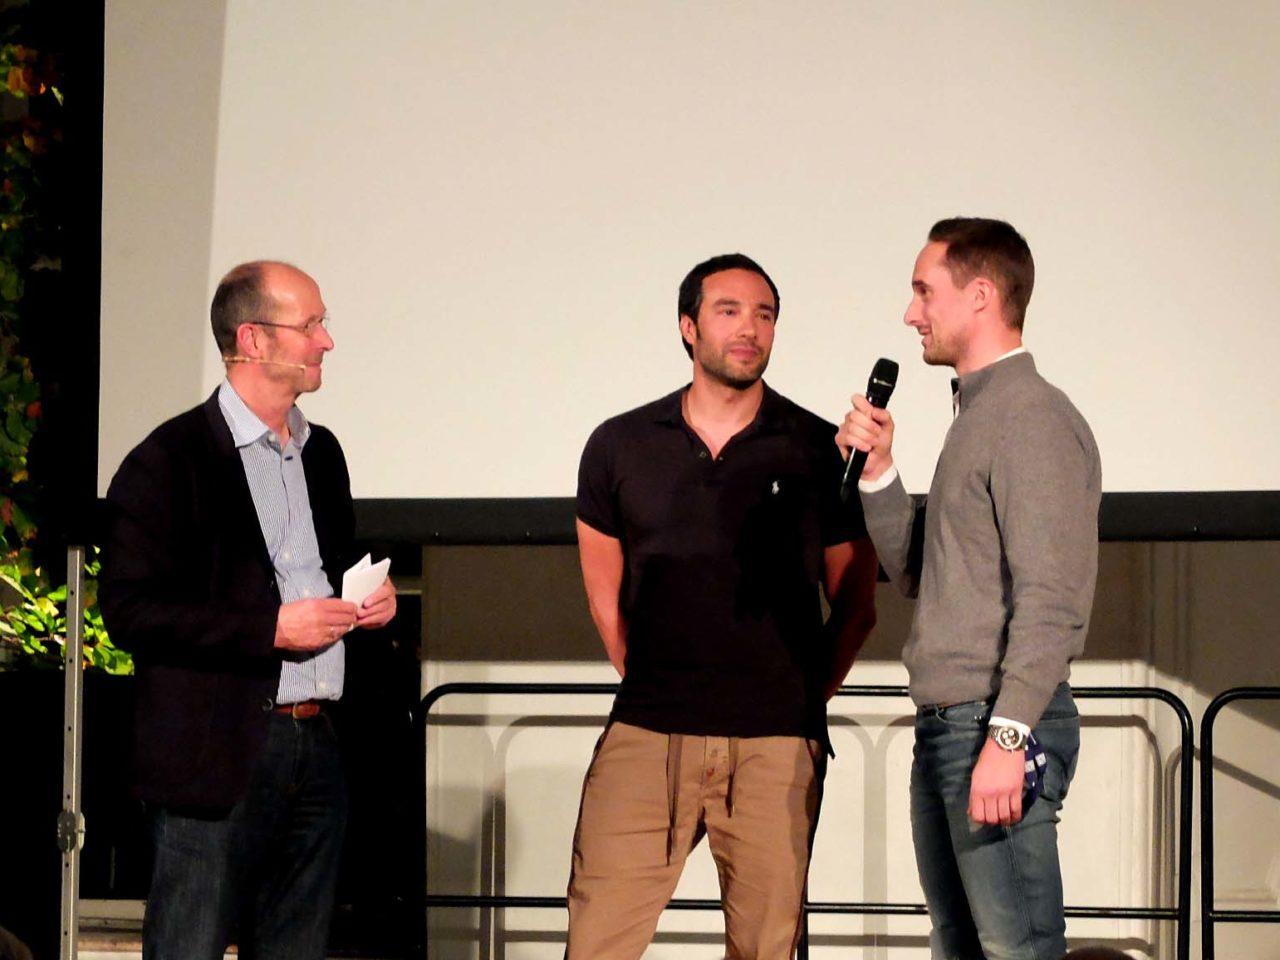 Festivalleiter Michael Pause mit Regisseur Puria Ravahi und Skyjumper Maximilian Wendt (v.l.).